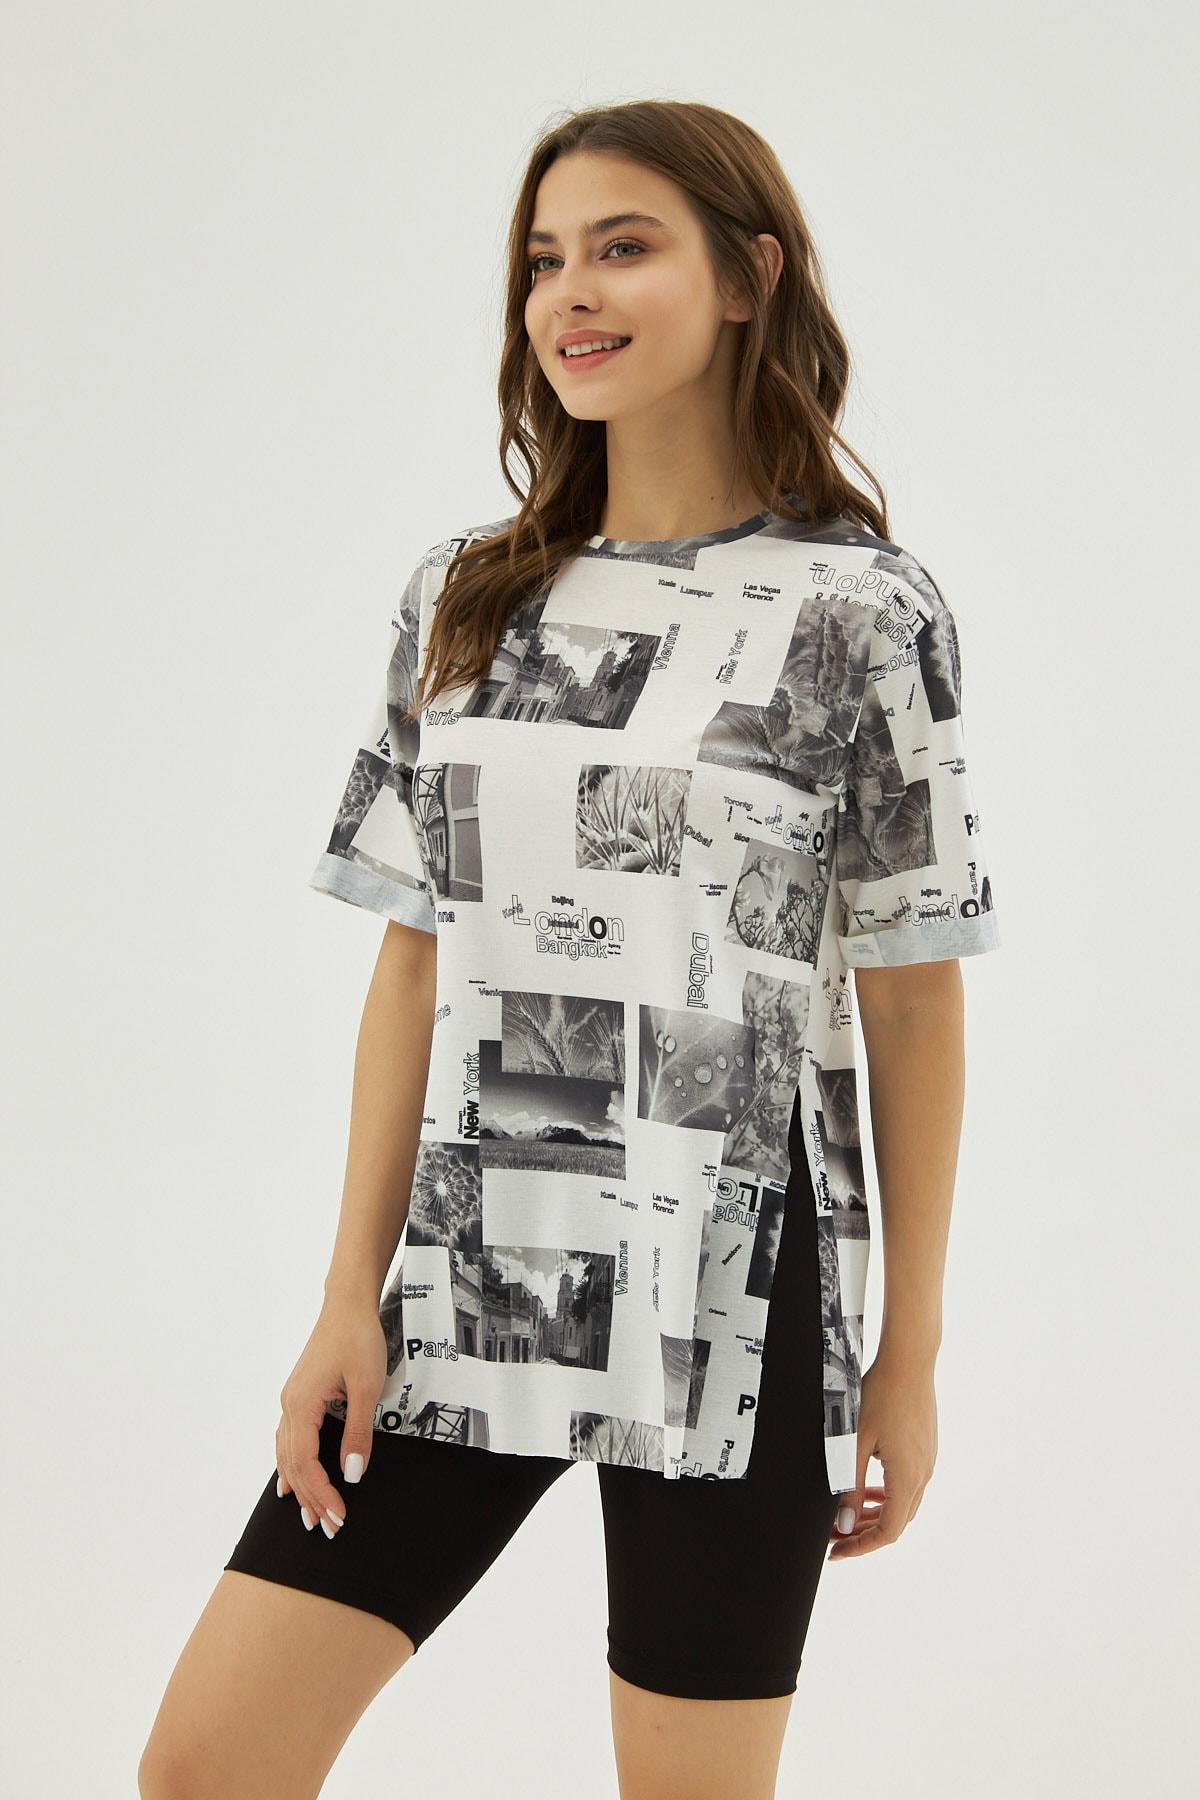 Pattaya Kadın Beyaz Gri Desenli Yırtmaçlı Oversize Kısa Kollu Tişört P21s201-2121 2